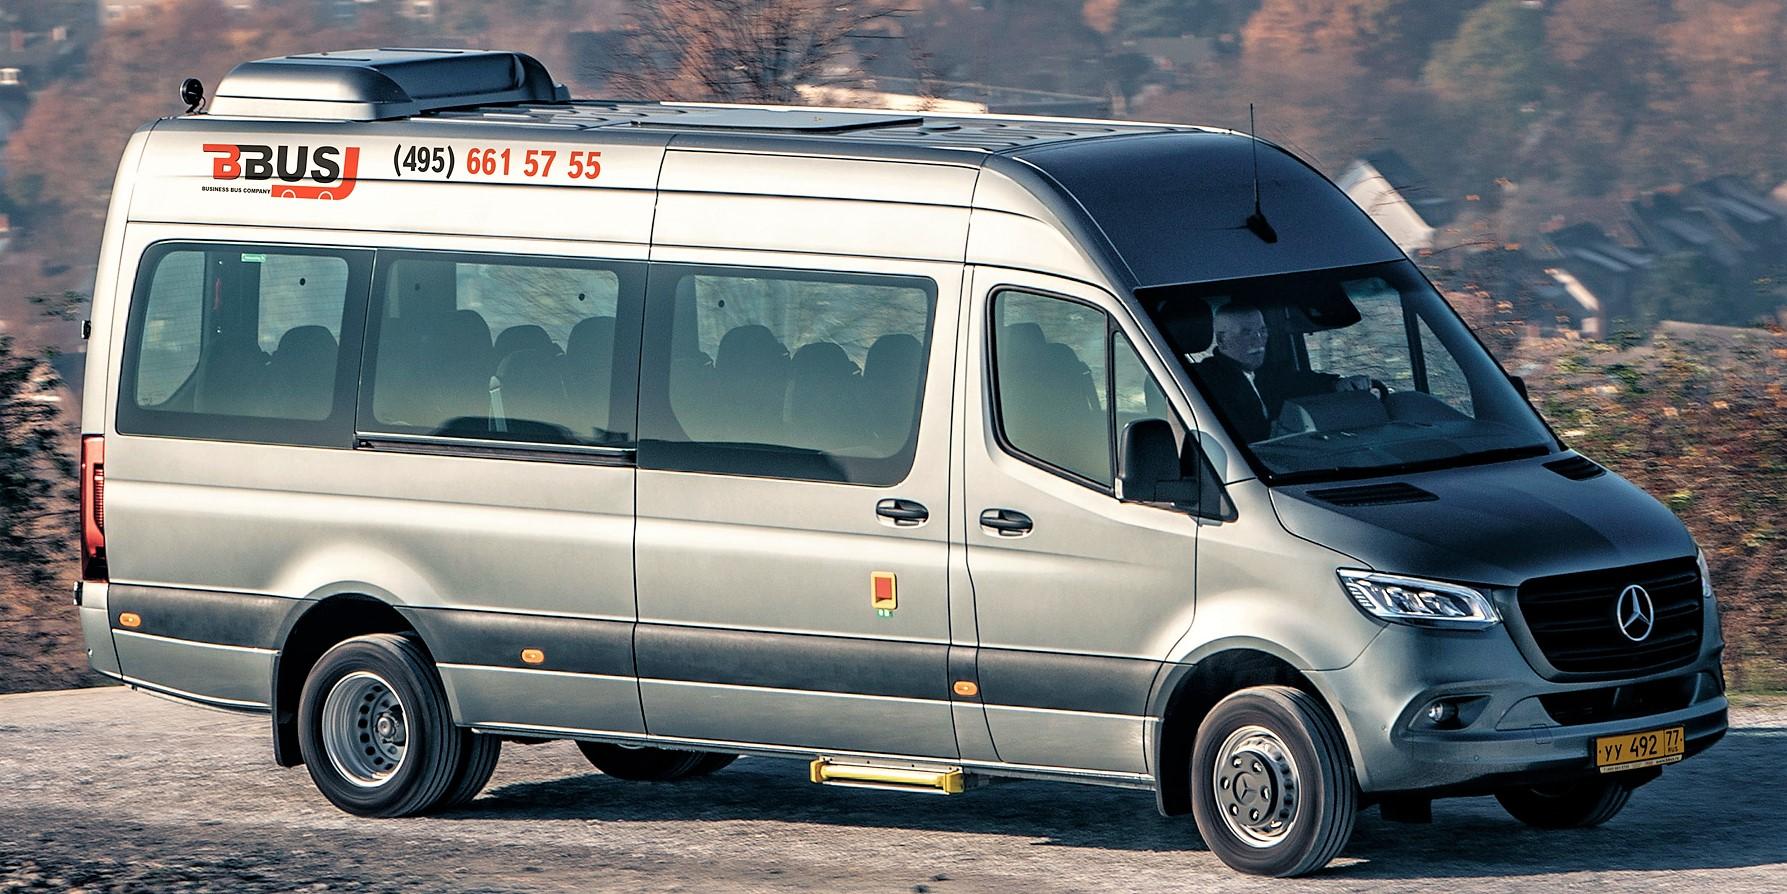 Микроавтобуса час аренда стоимость в б.у продать луч 292 часы